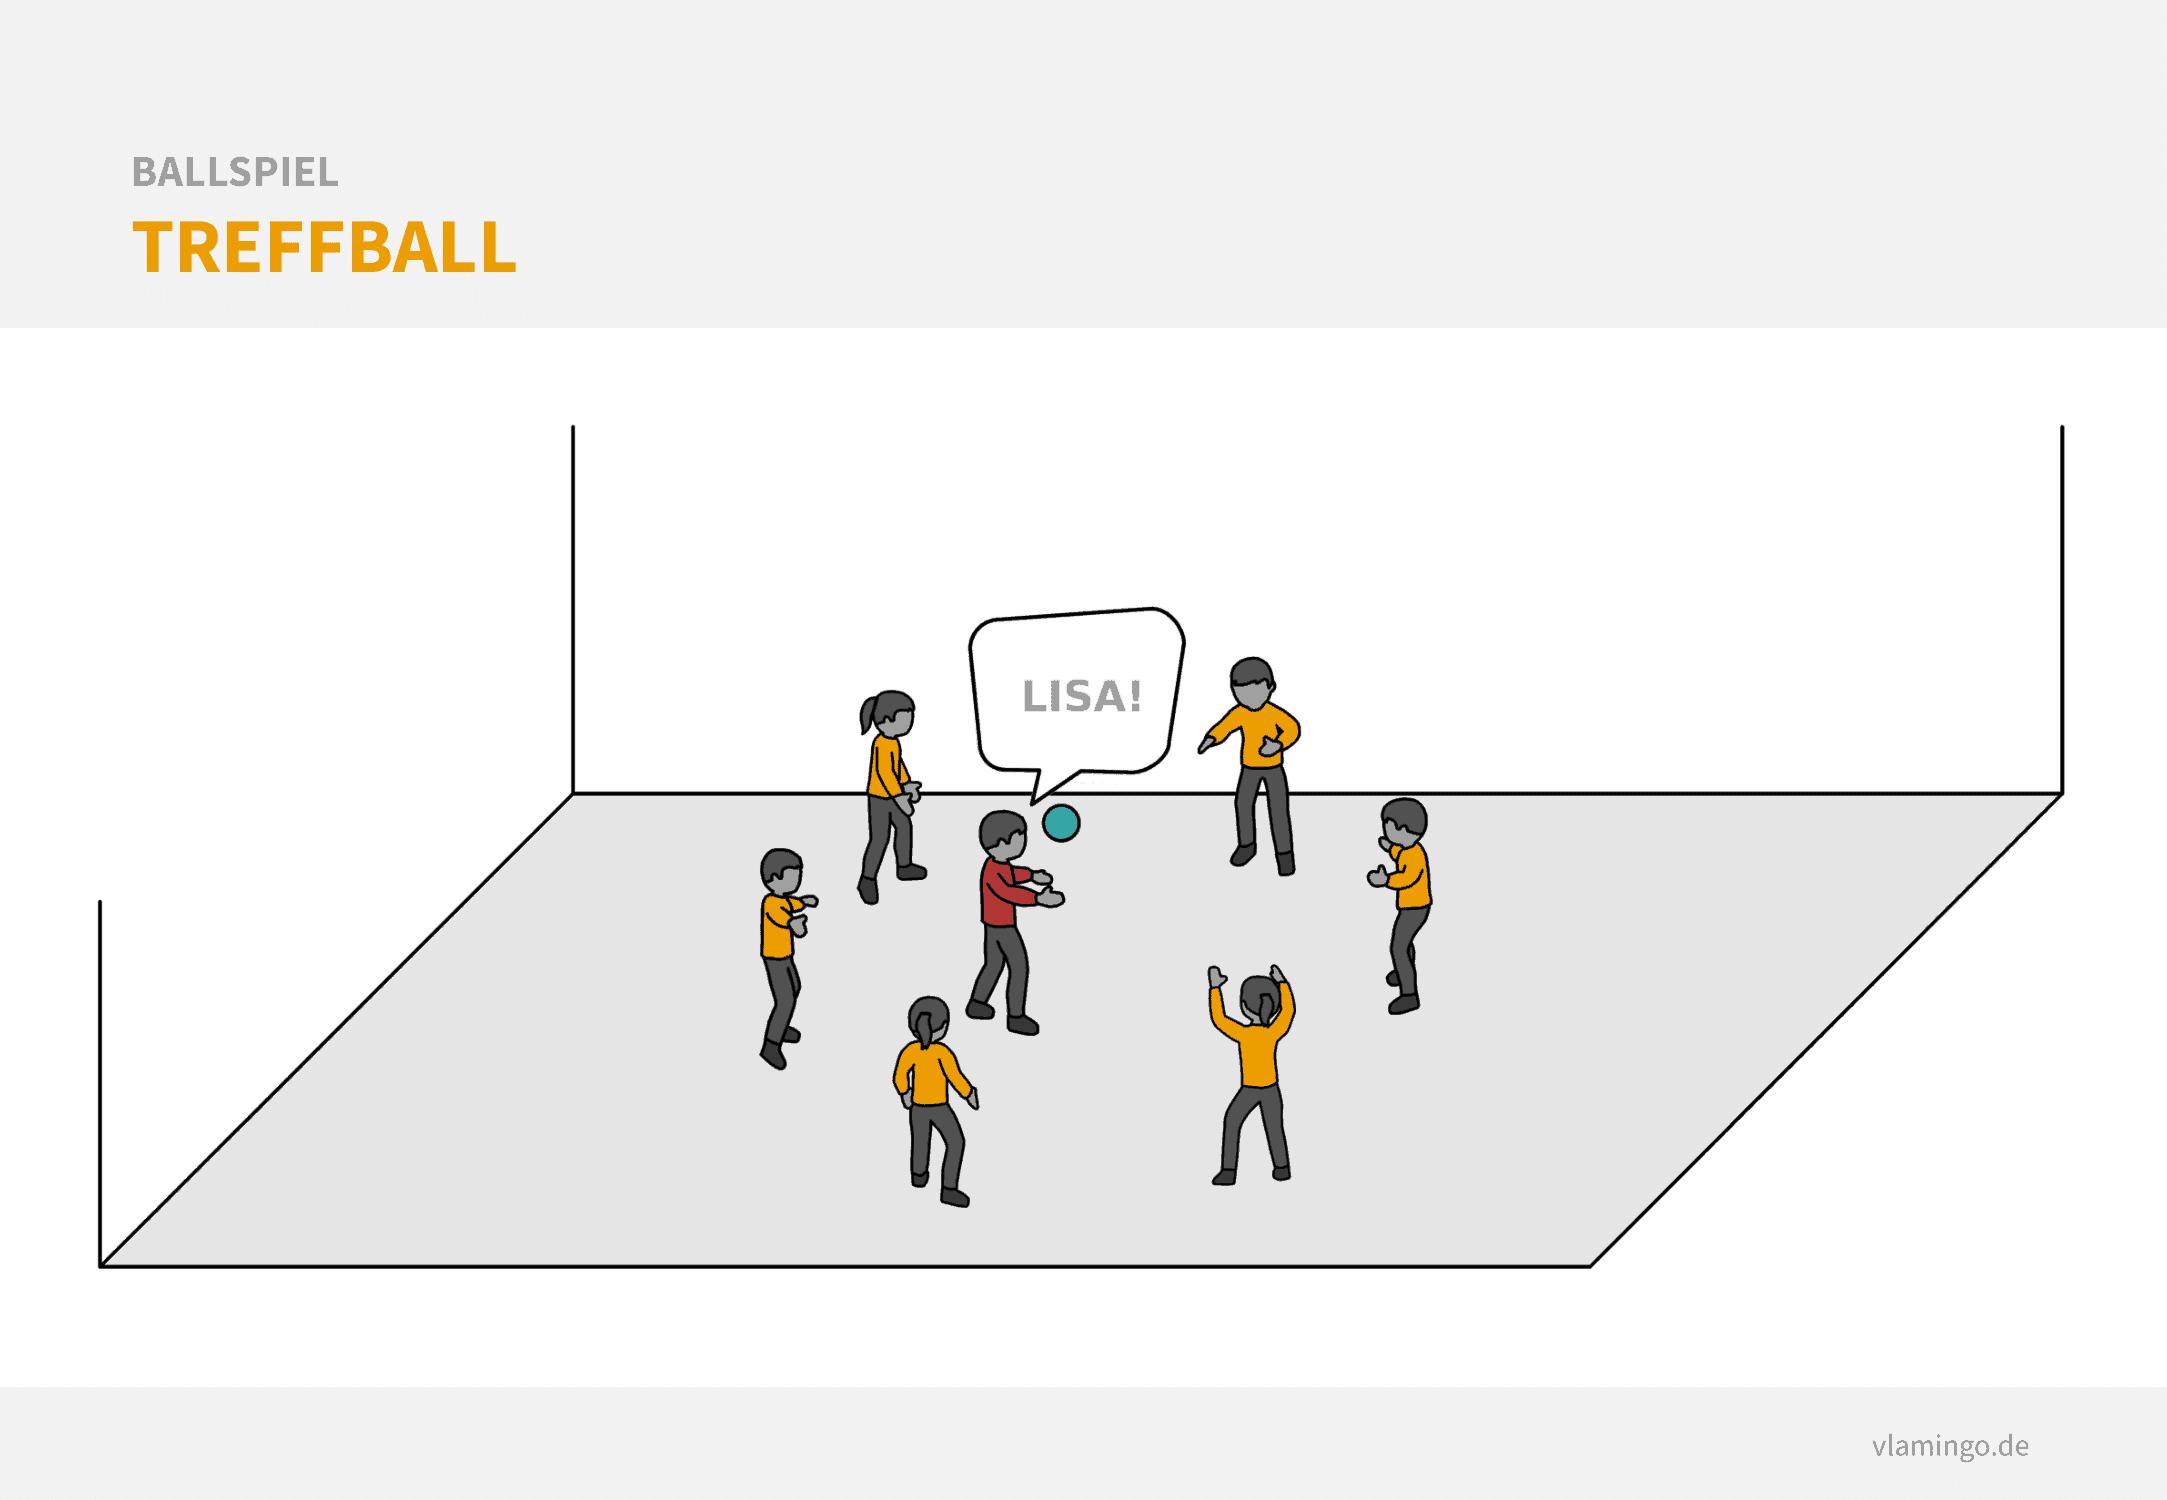 Ballspiel: Treffball